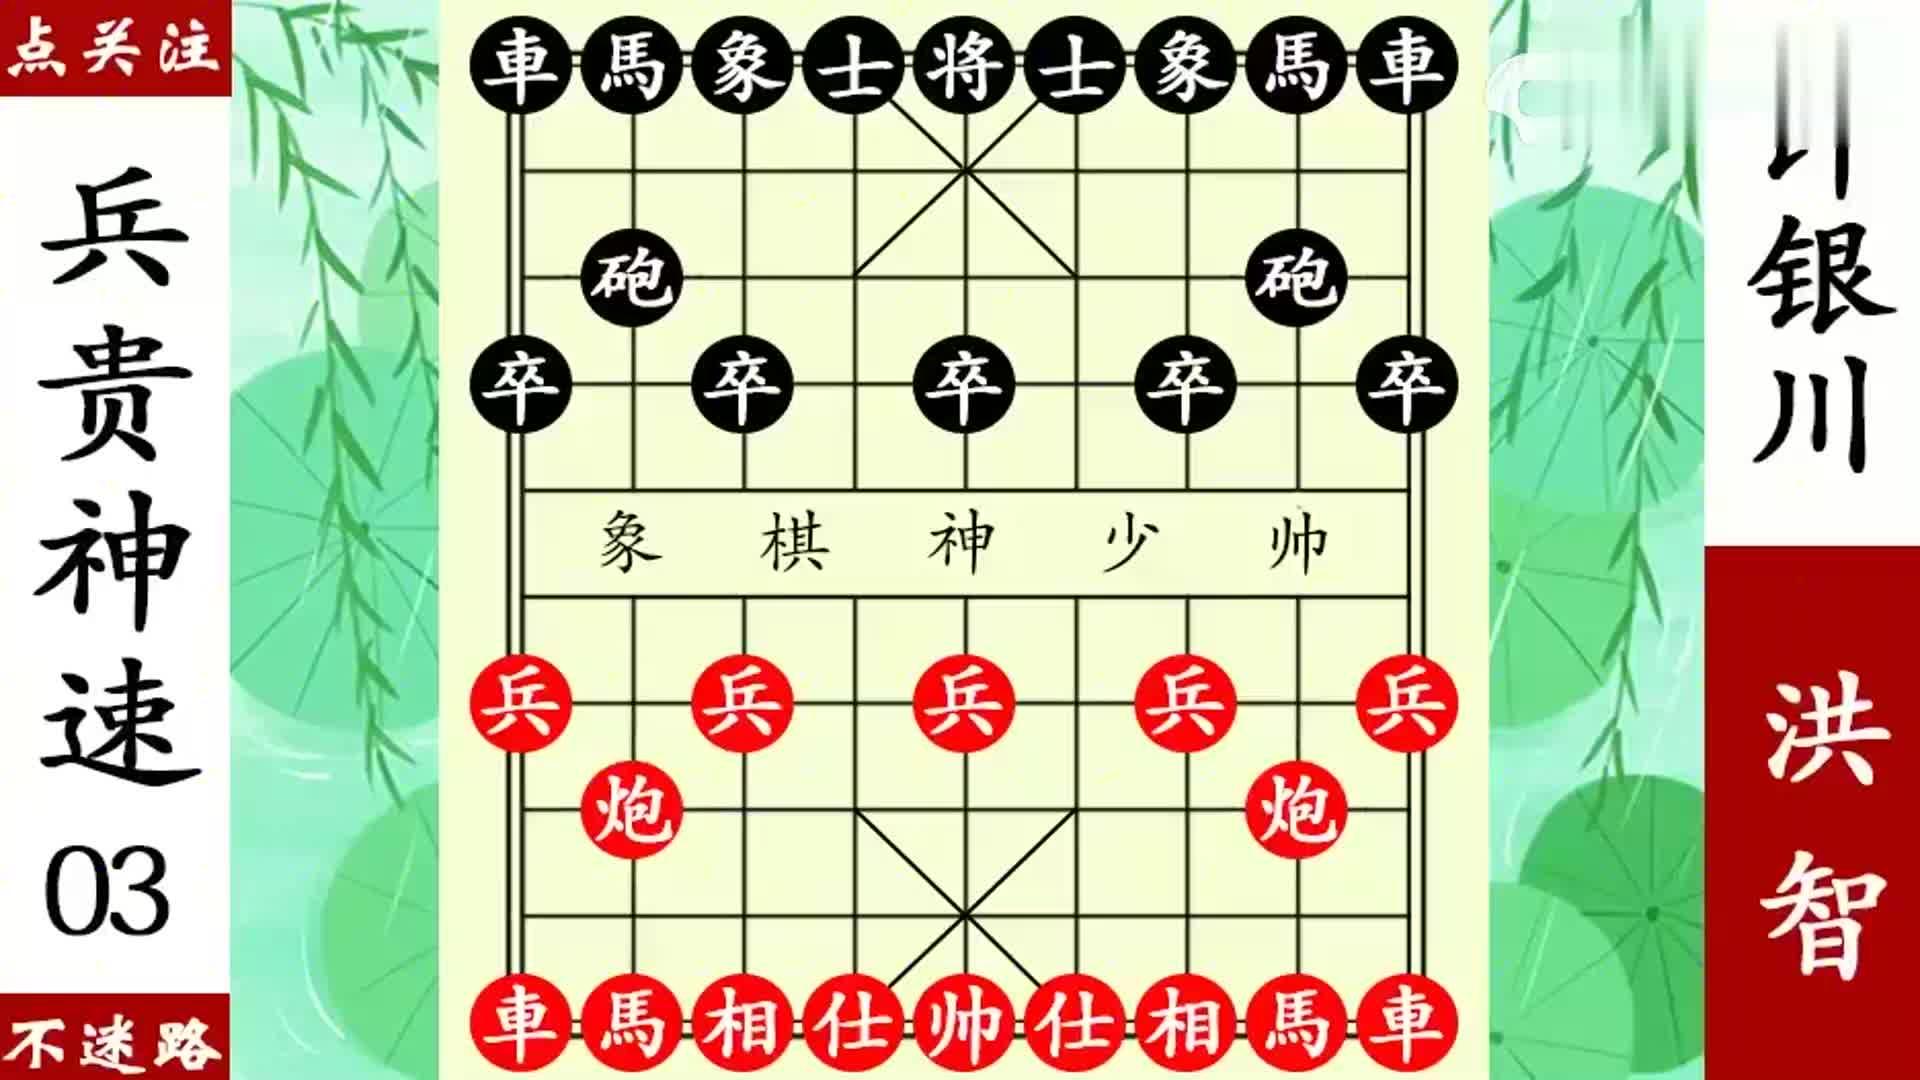 象棋神少帅:洪智弃马夺势,许银川见招拆招,兵败如山倒!